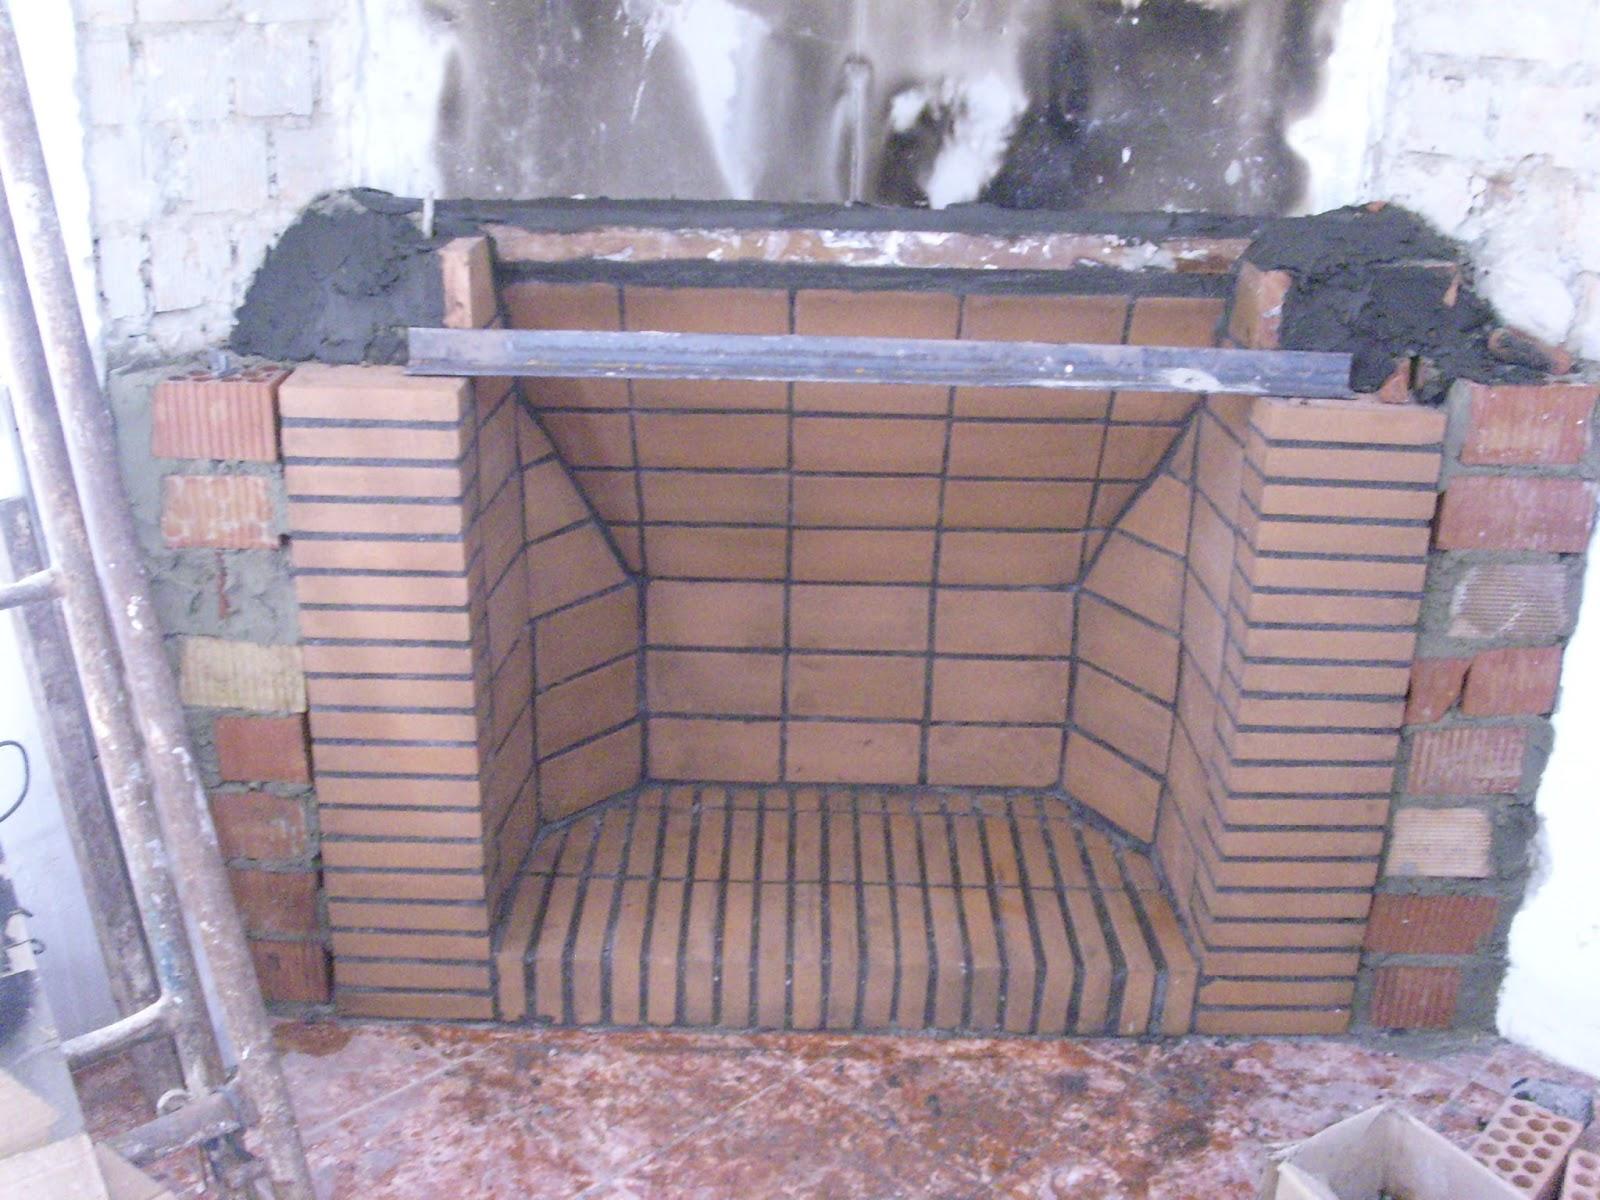 Construcci n tradicional geom trica como construir una - Como hacer chimeneas de lena ...